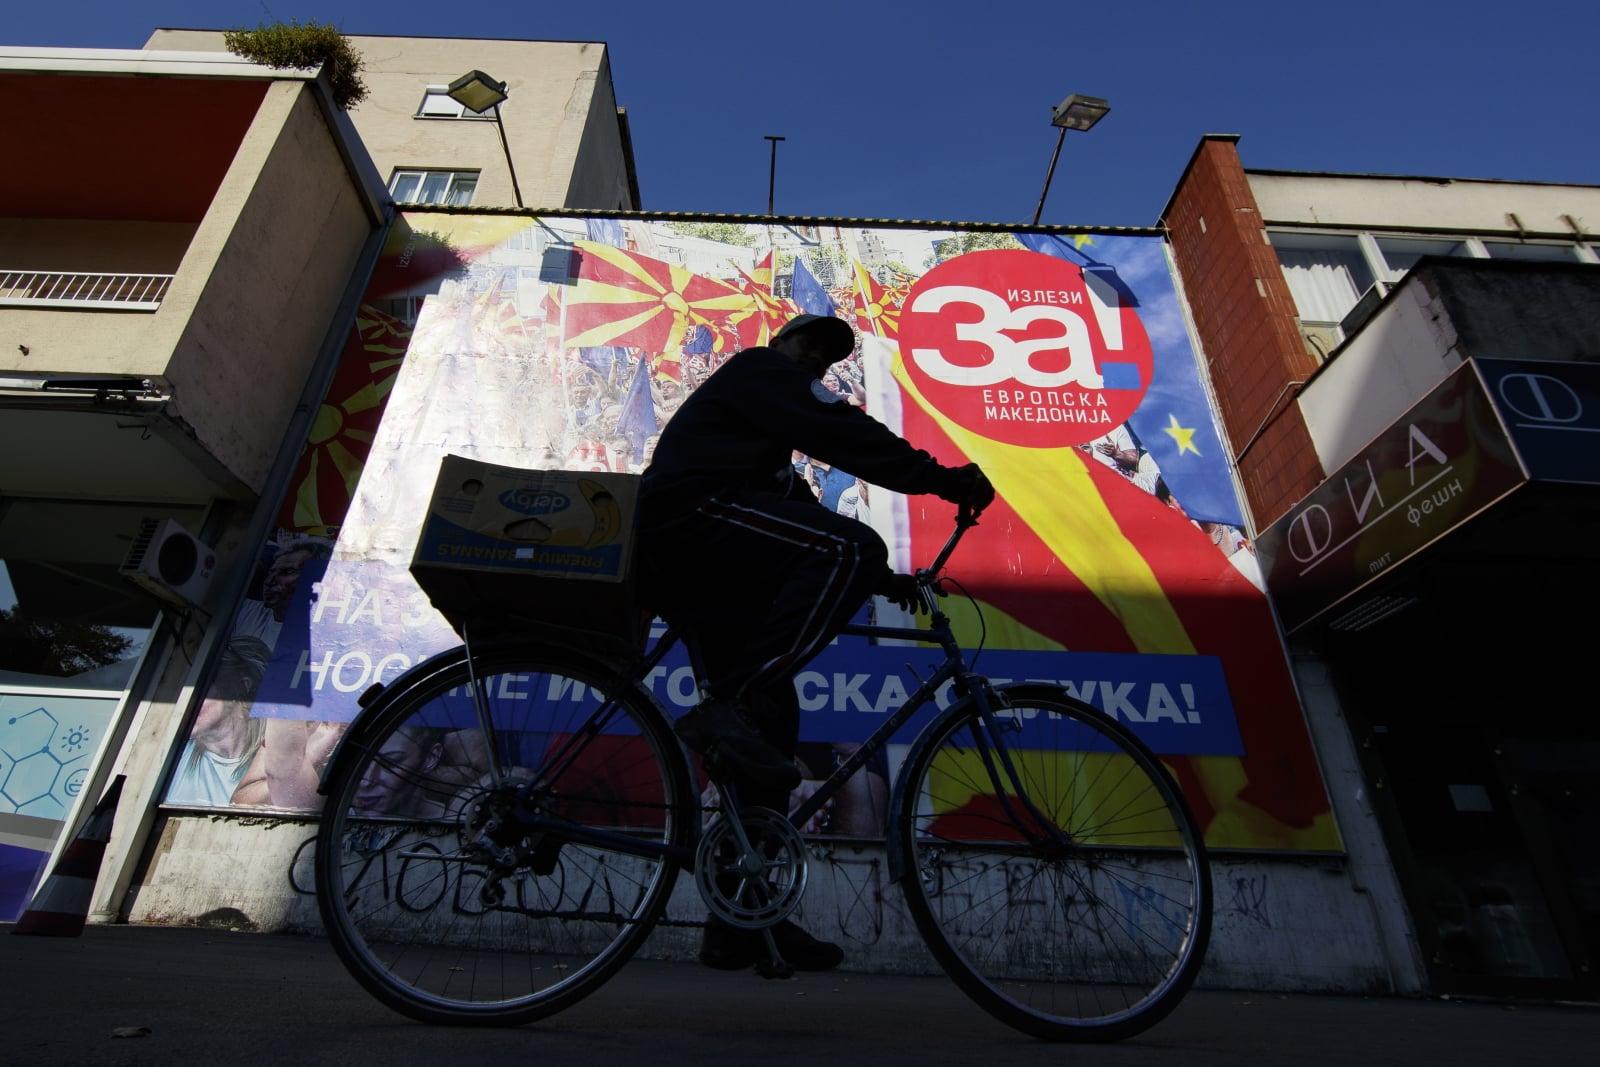 Referendum w Mołdawii nad zmianą nazwy państwa  EPA/VALDRIN XHEMAJ